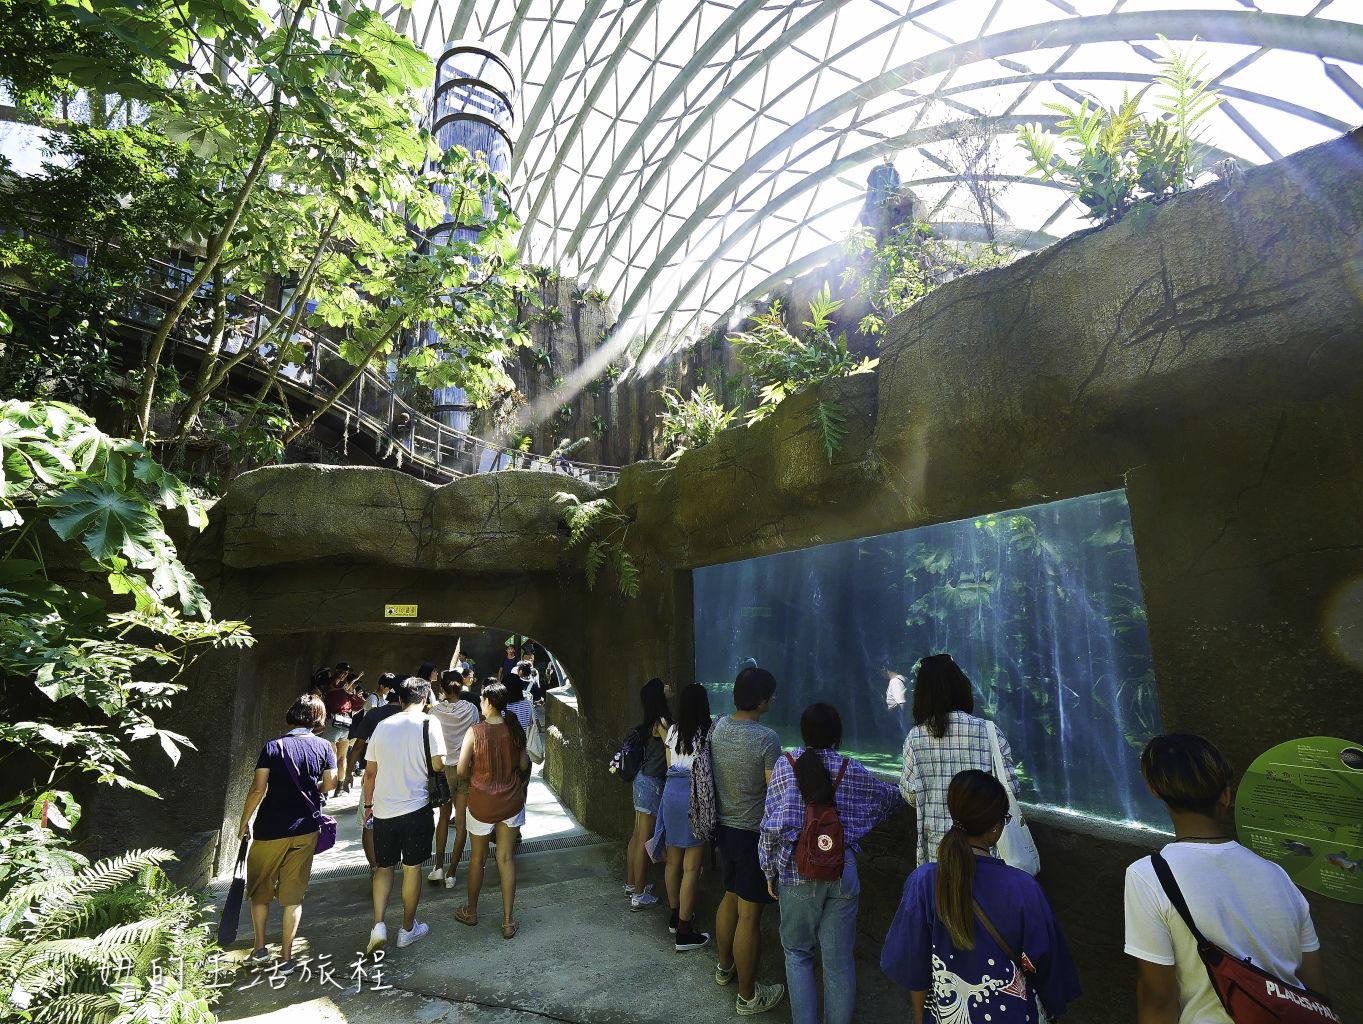 木柵動物園,穿山甲館,熱帶雨林館,2019-35.jpg